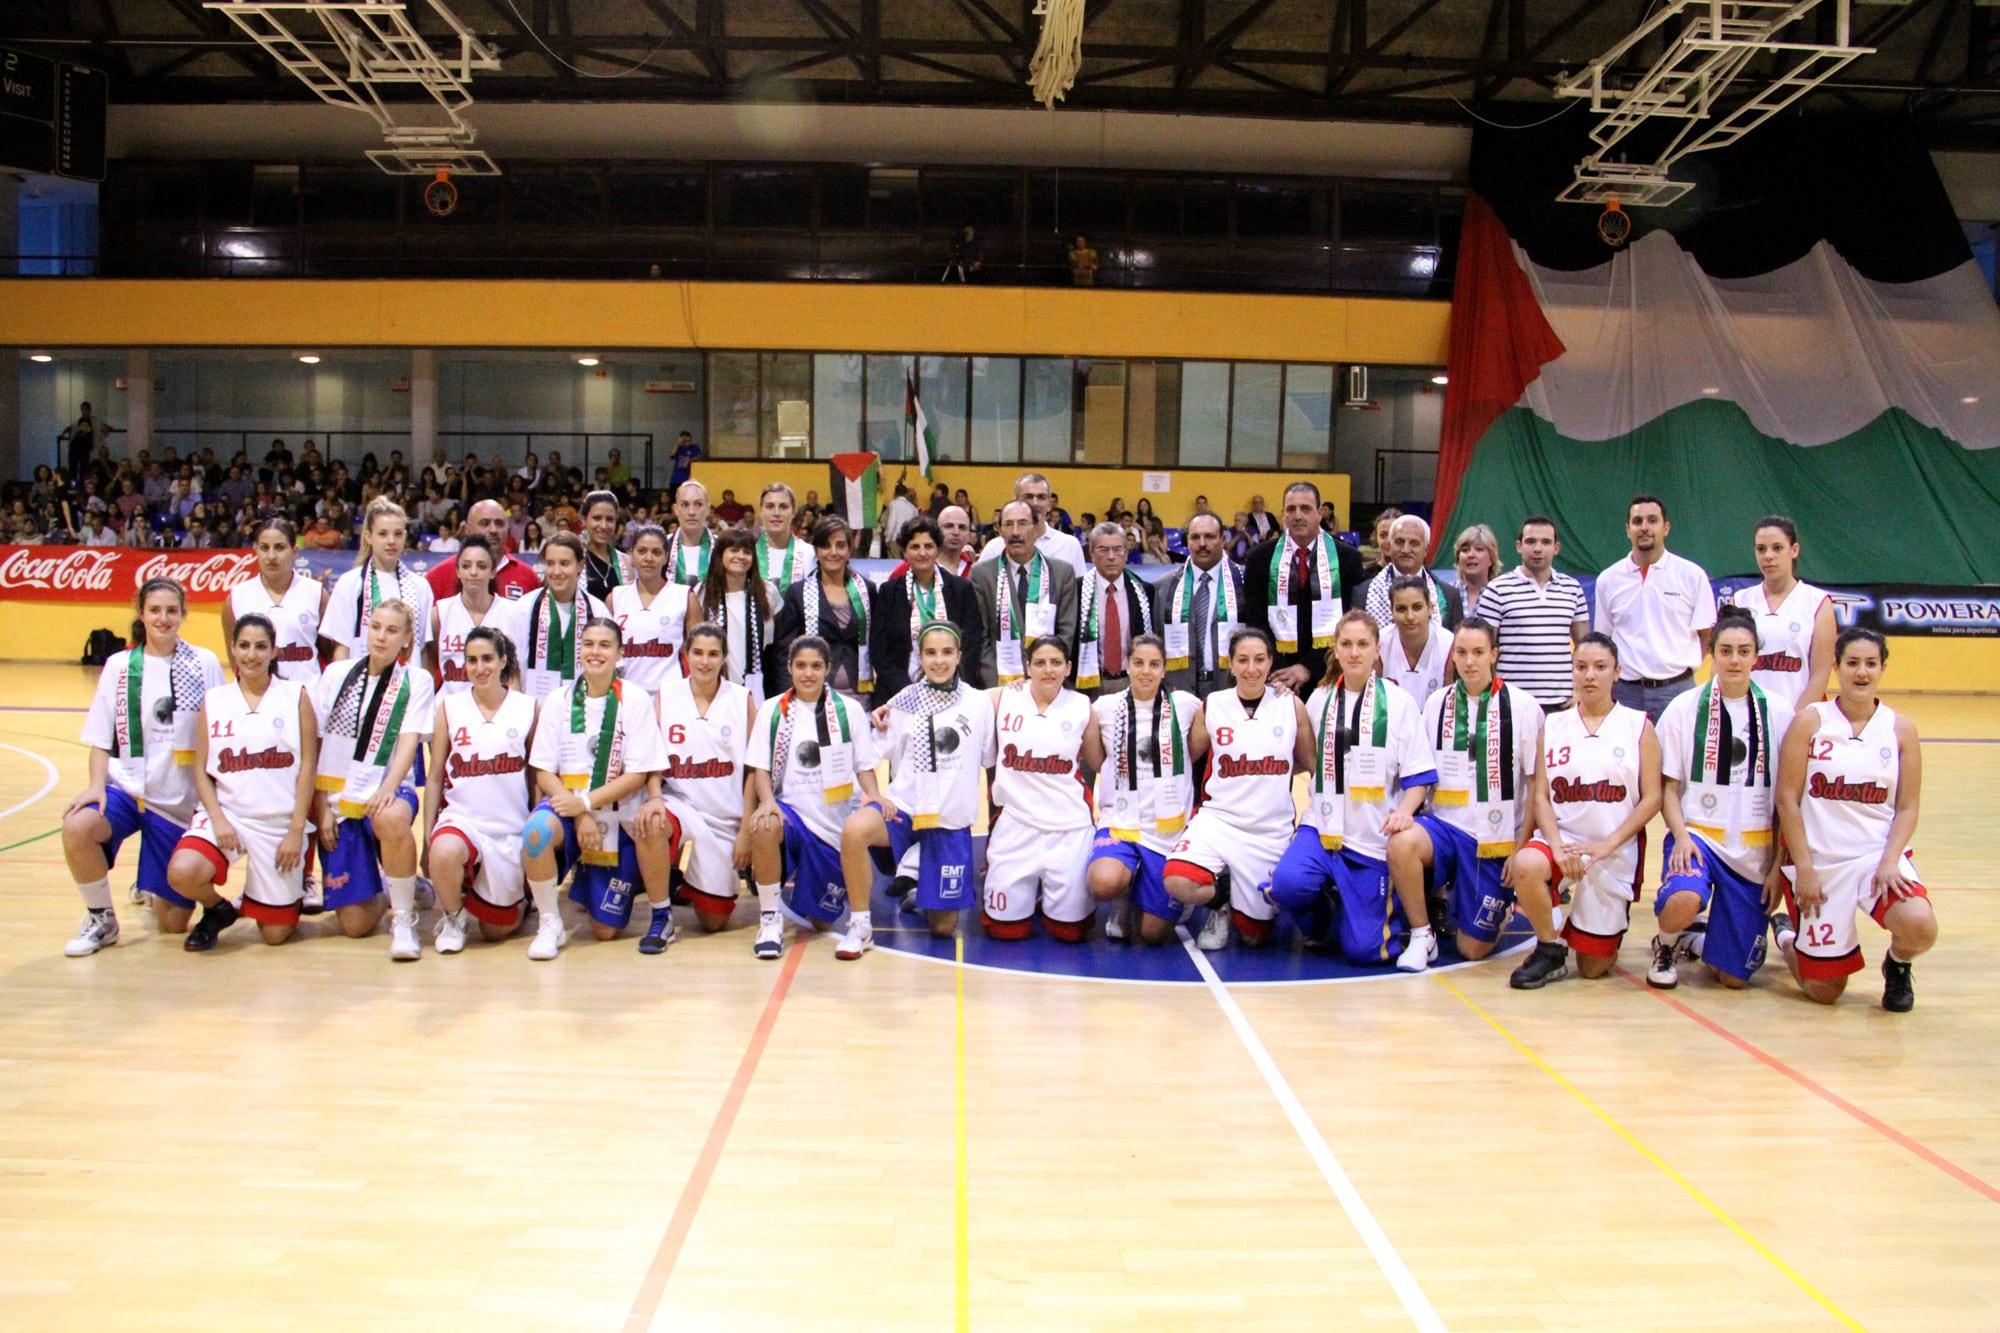 LF2: Doble victoria ante Palestina (34-7, 27-13, 27-0, 31-2)